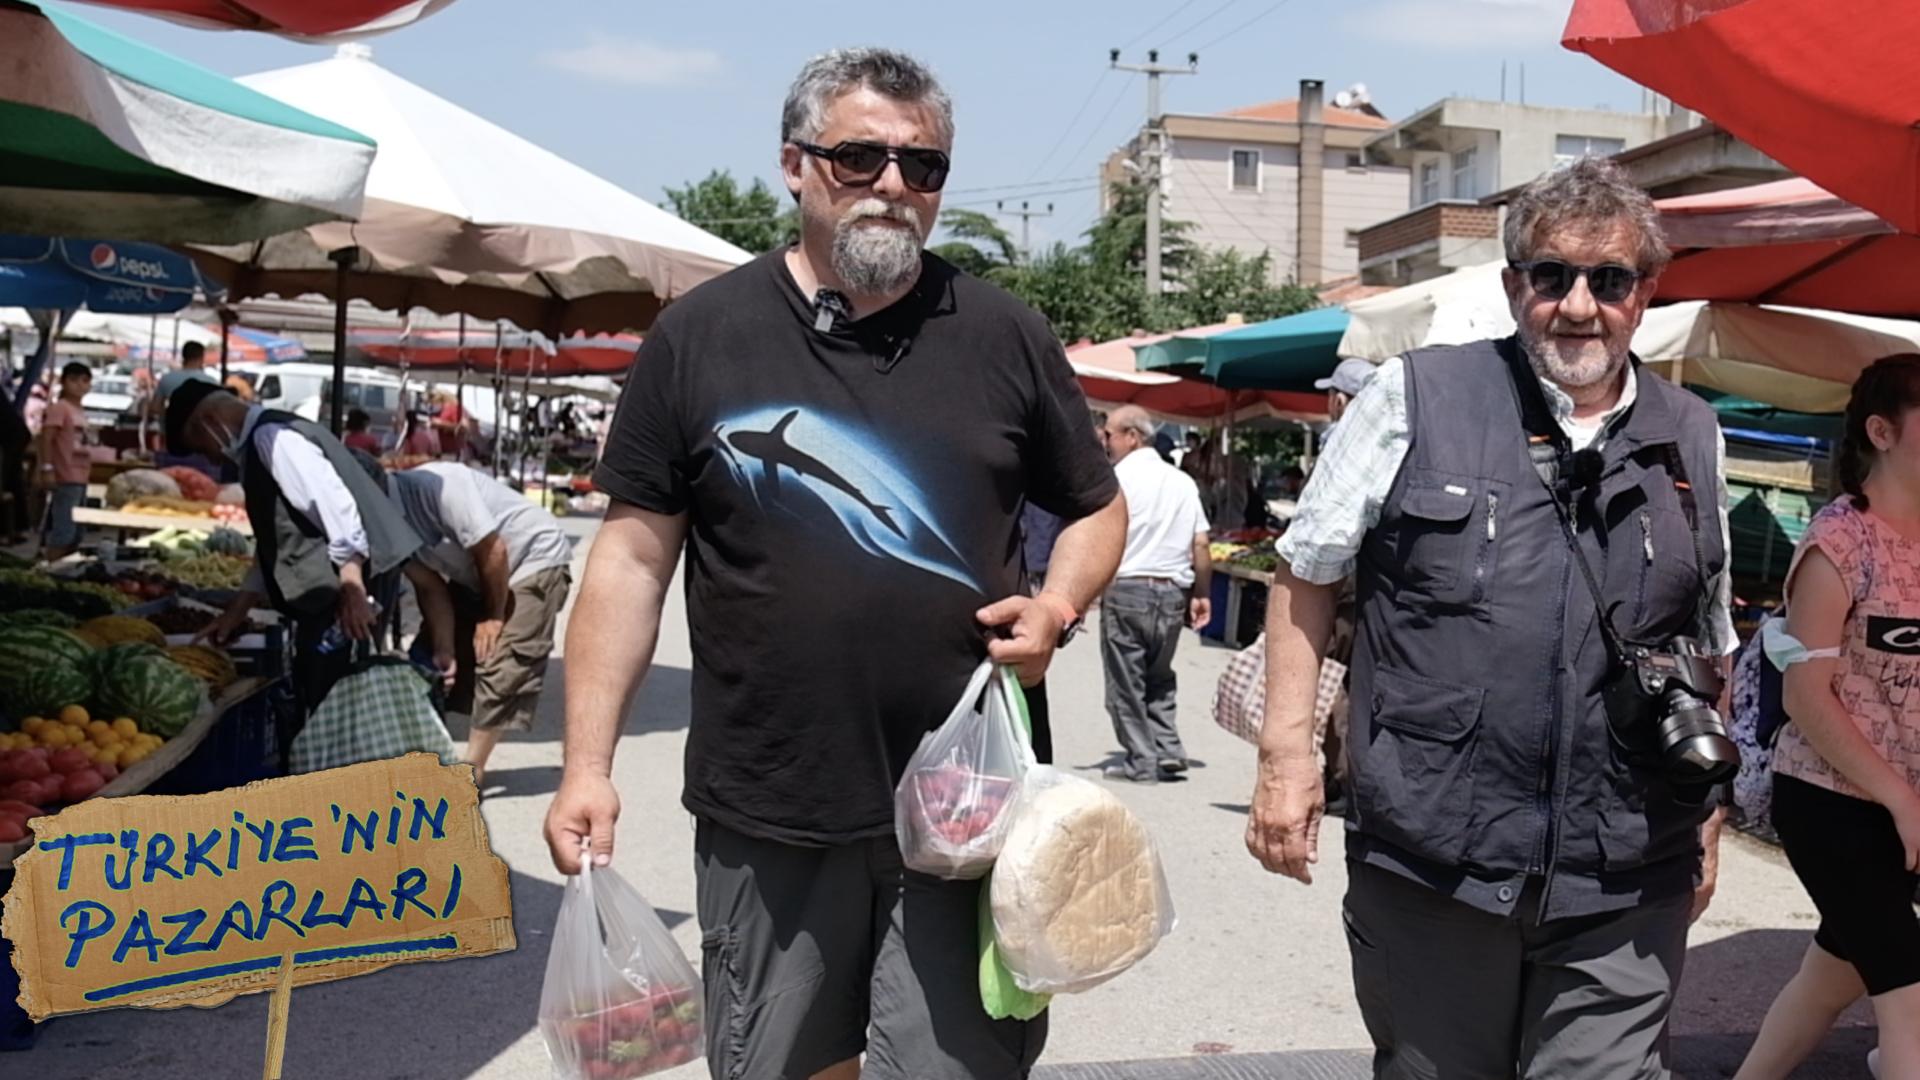 Türkiye'nin Pazarları Ayvacık